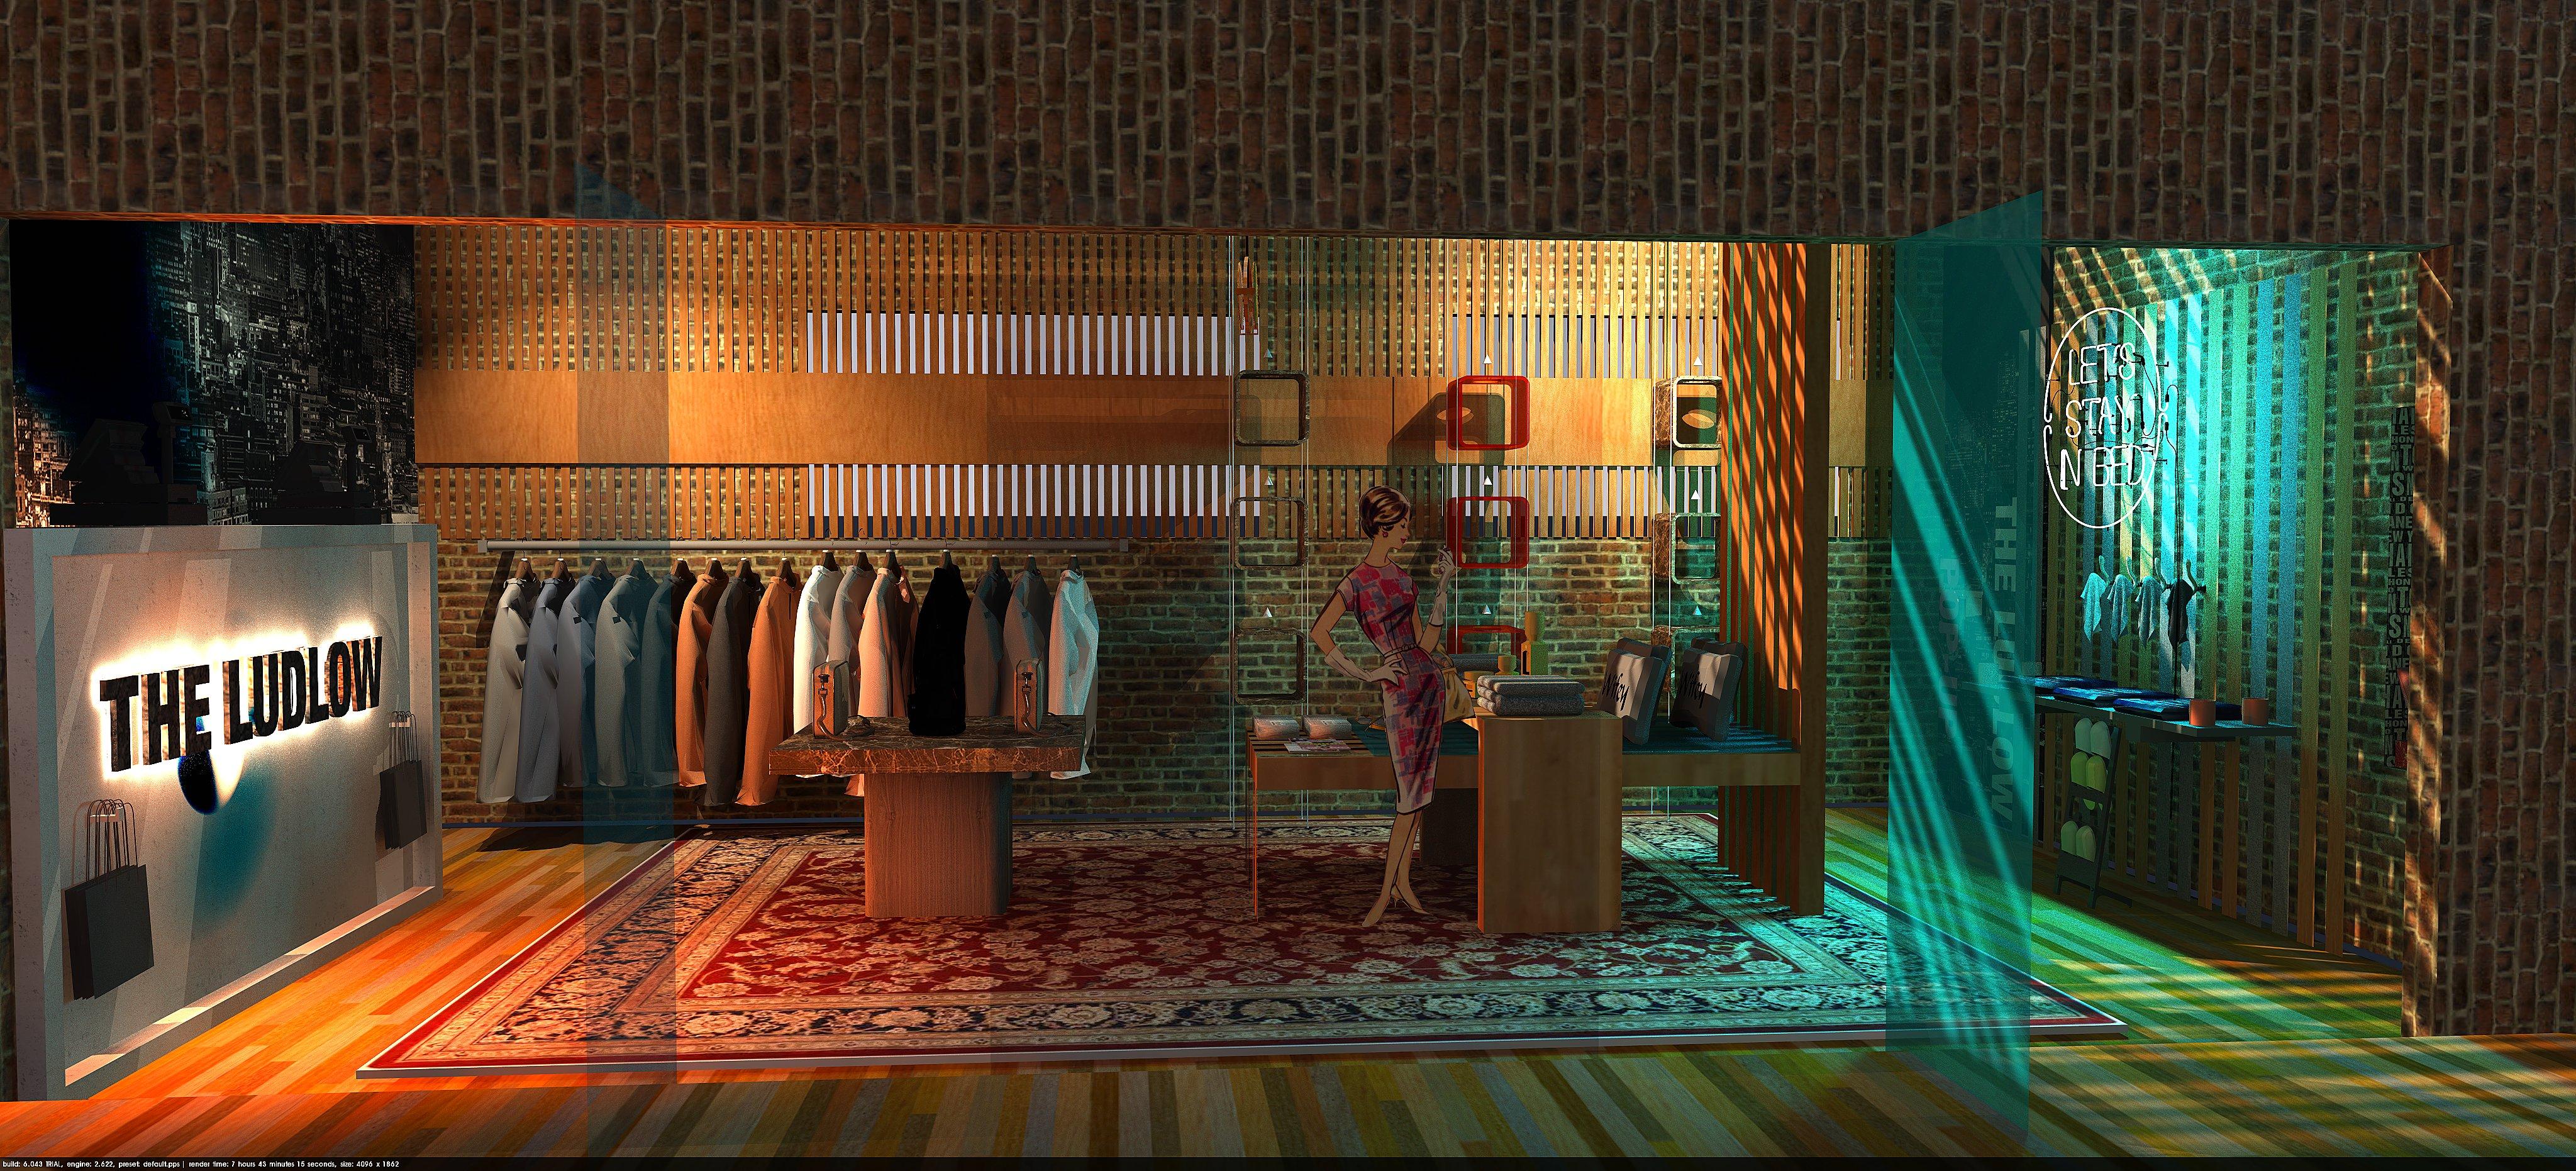 The Ludlow | Fashion Institute of Technology<br/><i>Shakela Ibrahimi</i>